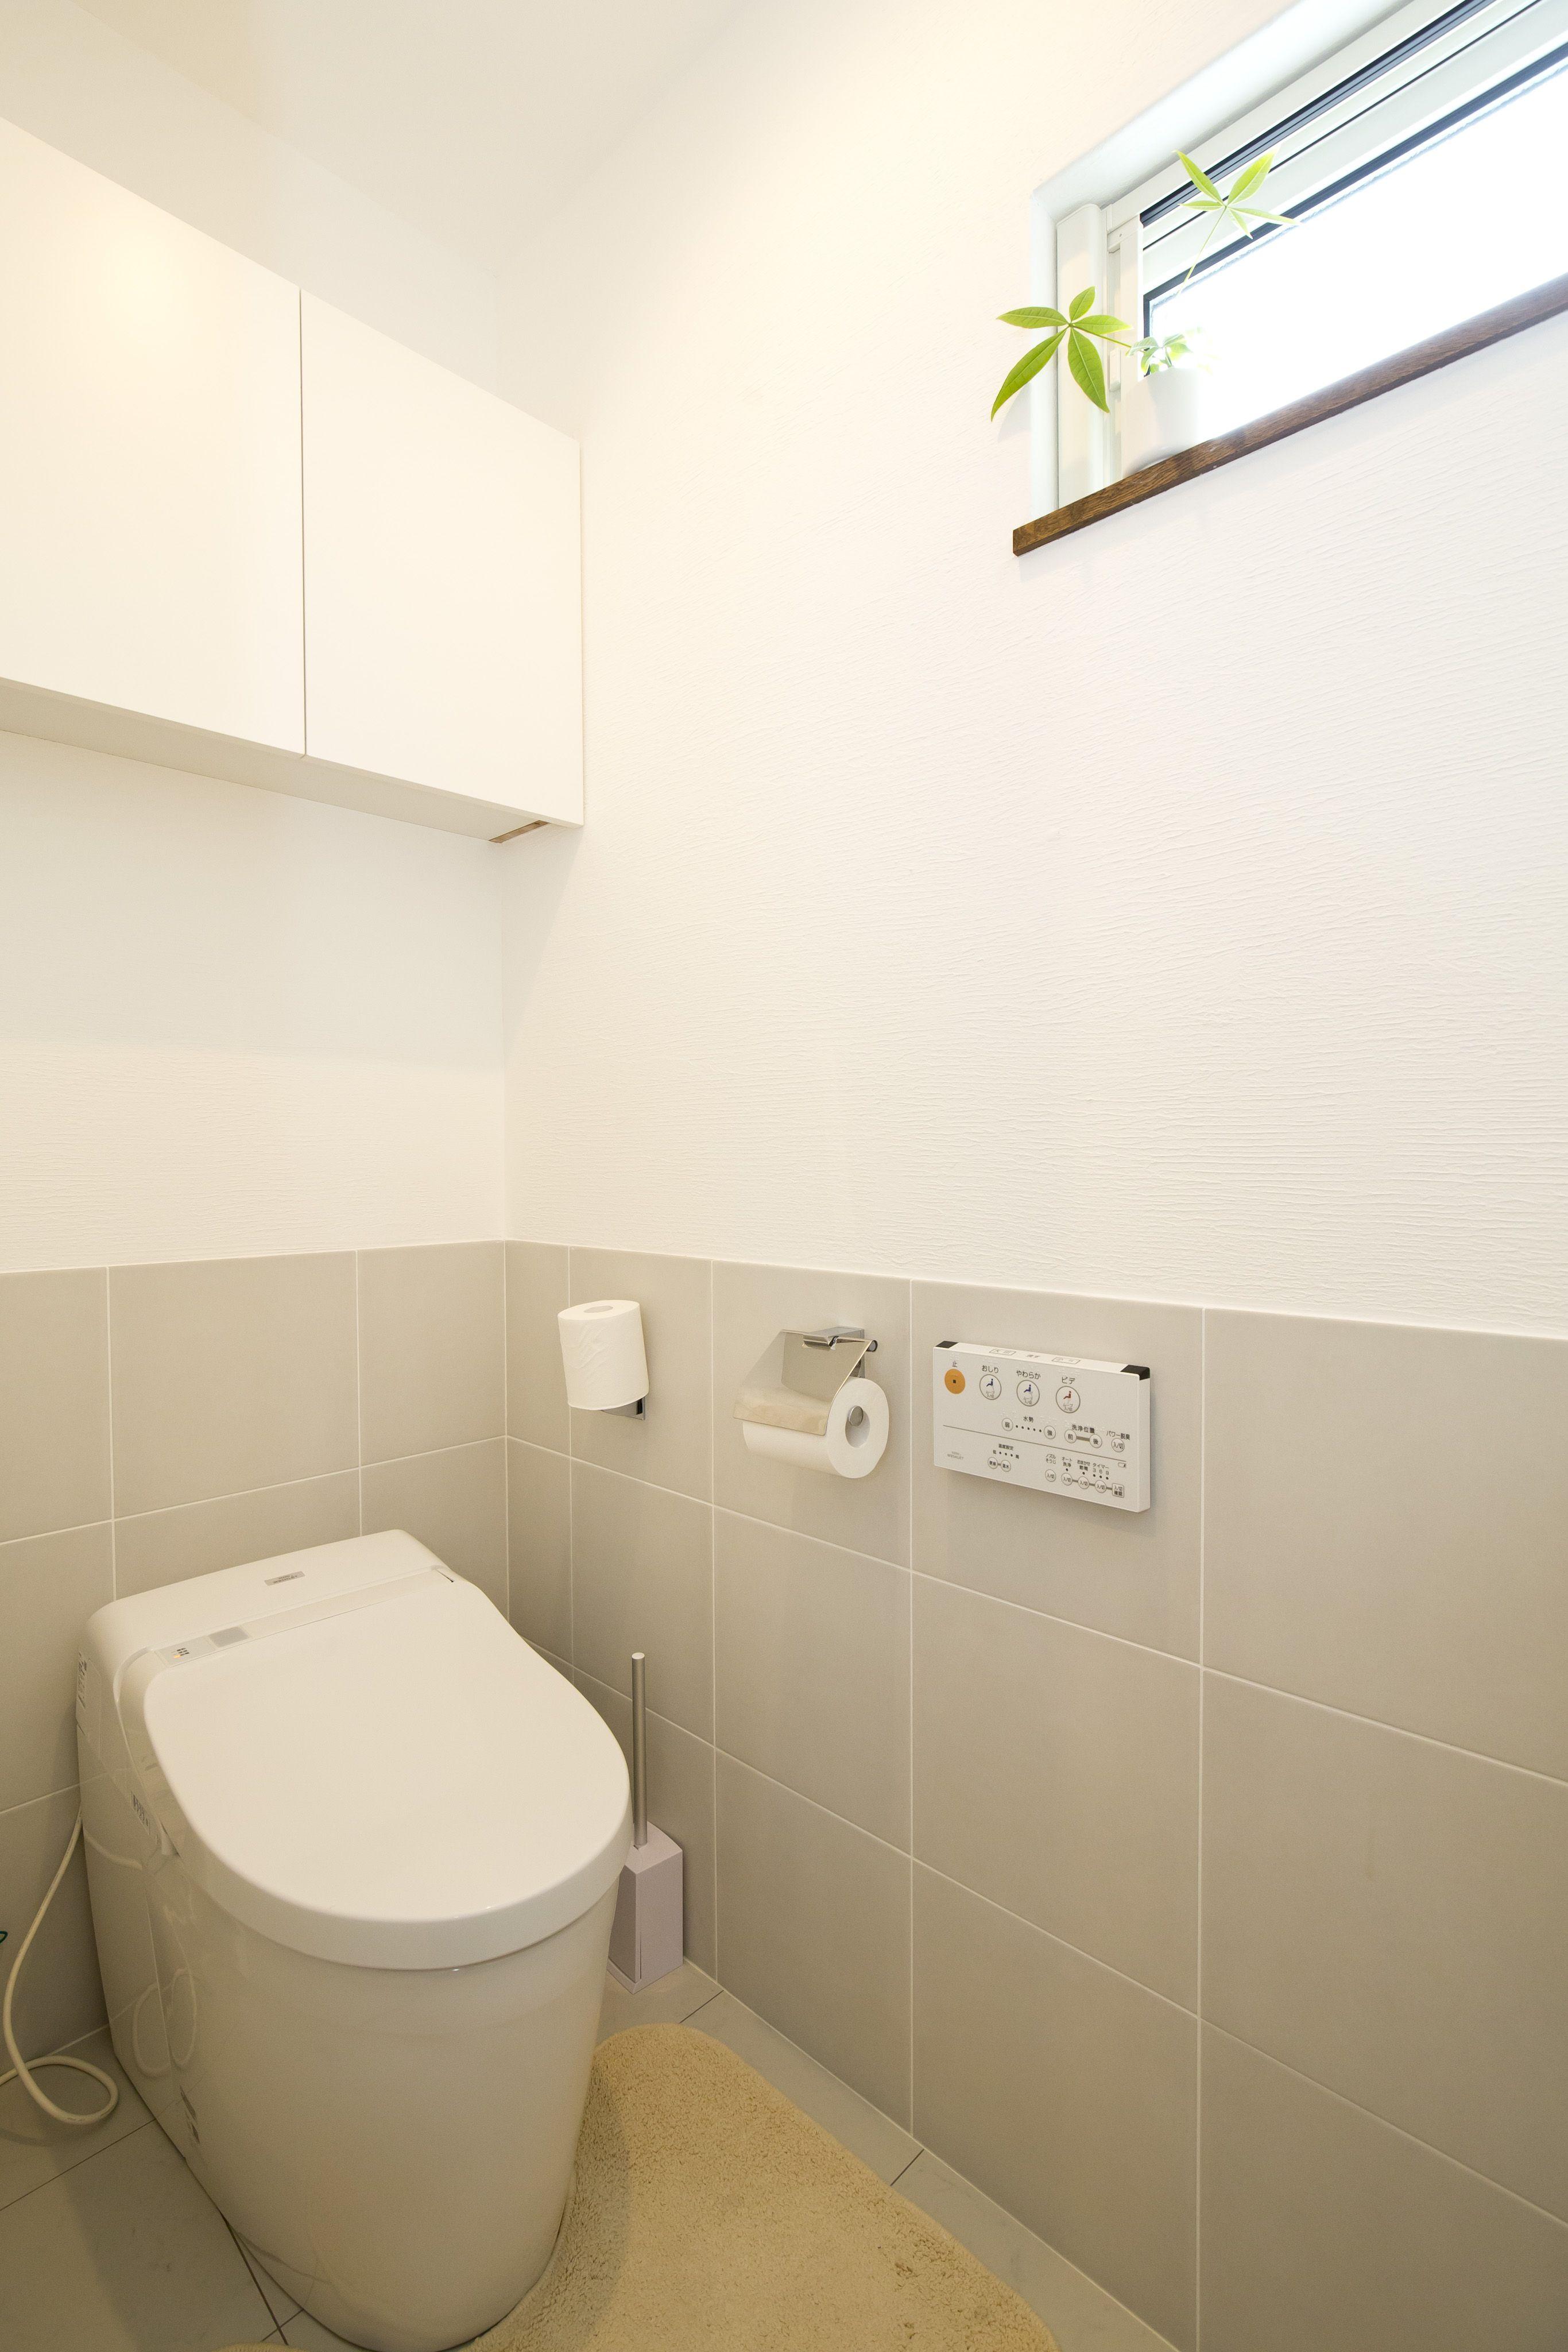 ケース103 トイレのデザイン トイレのアイデア トイレ 壁